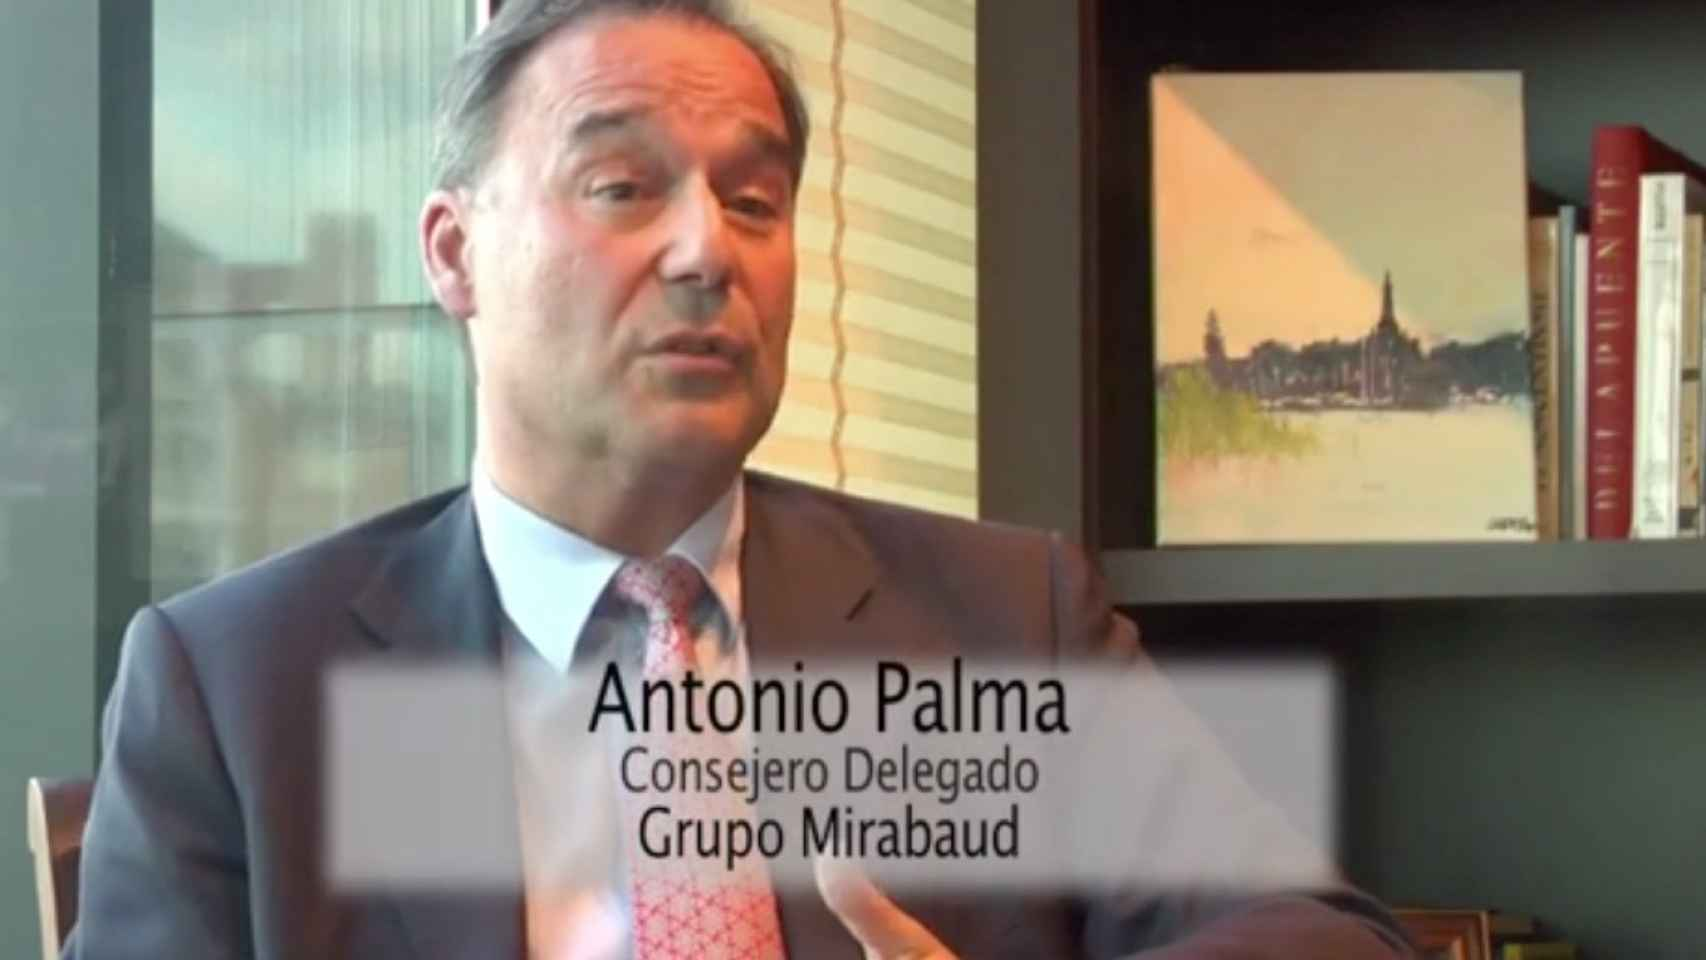 Antonio Palma, consejero delegado del Grupo Mirabaud.